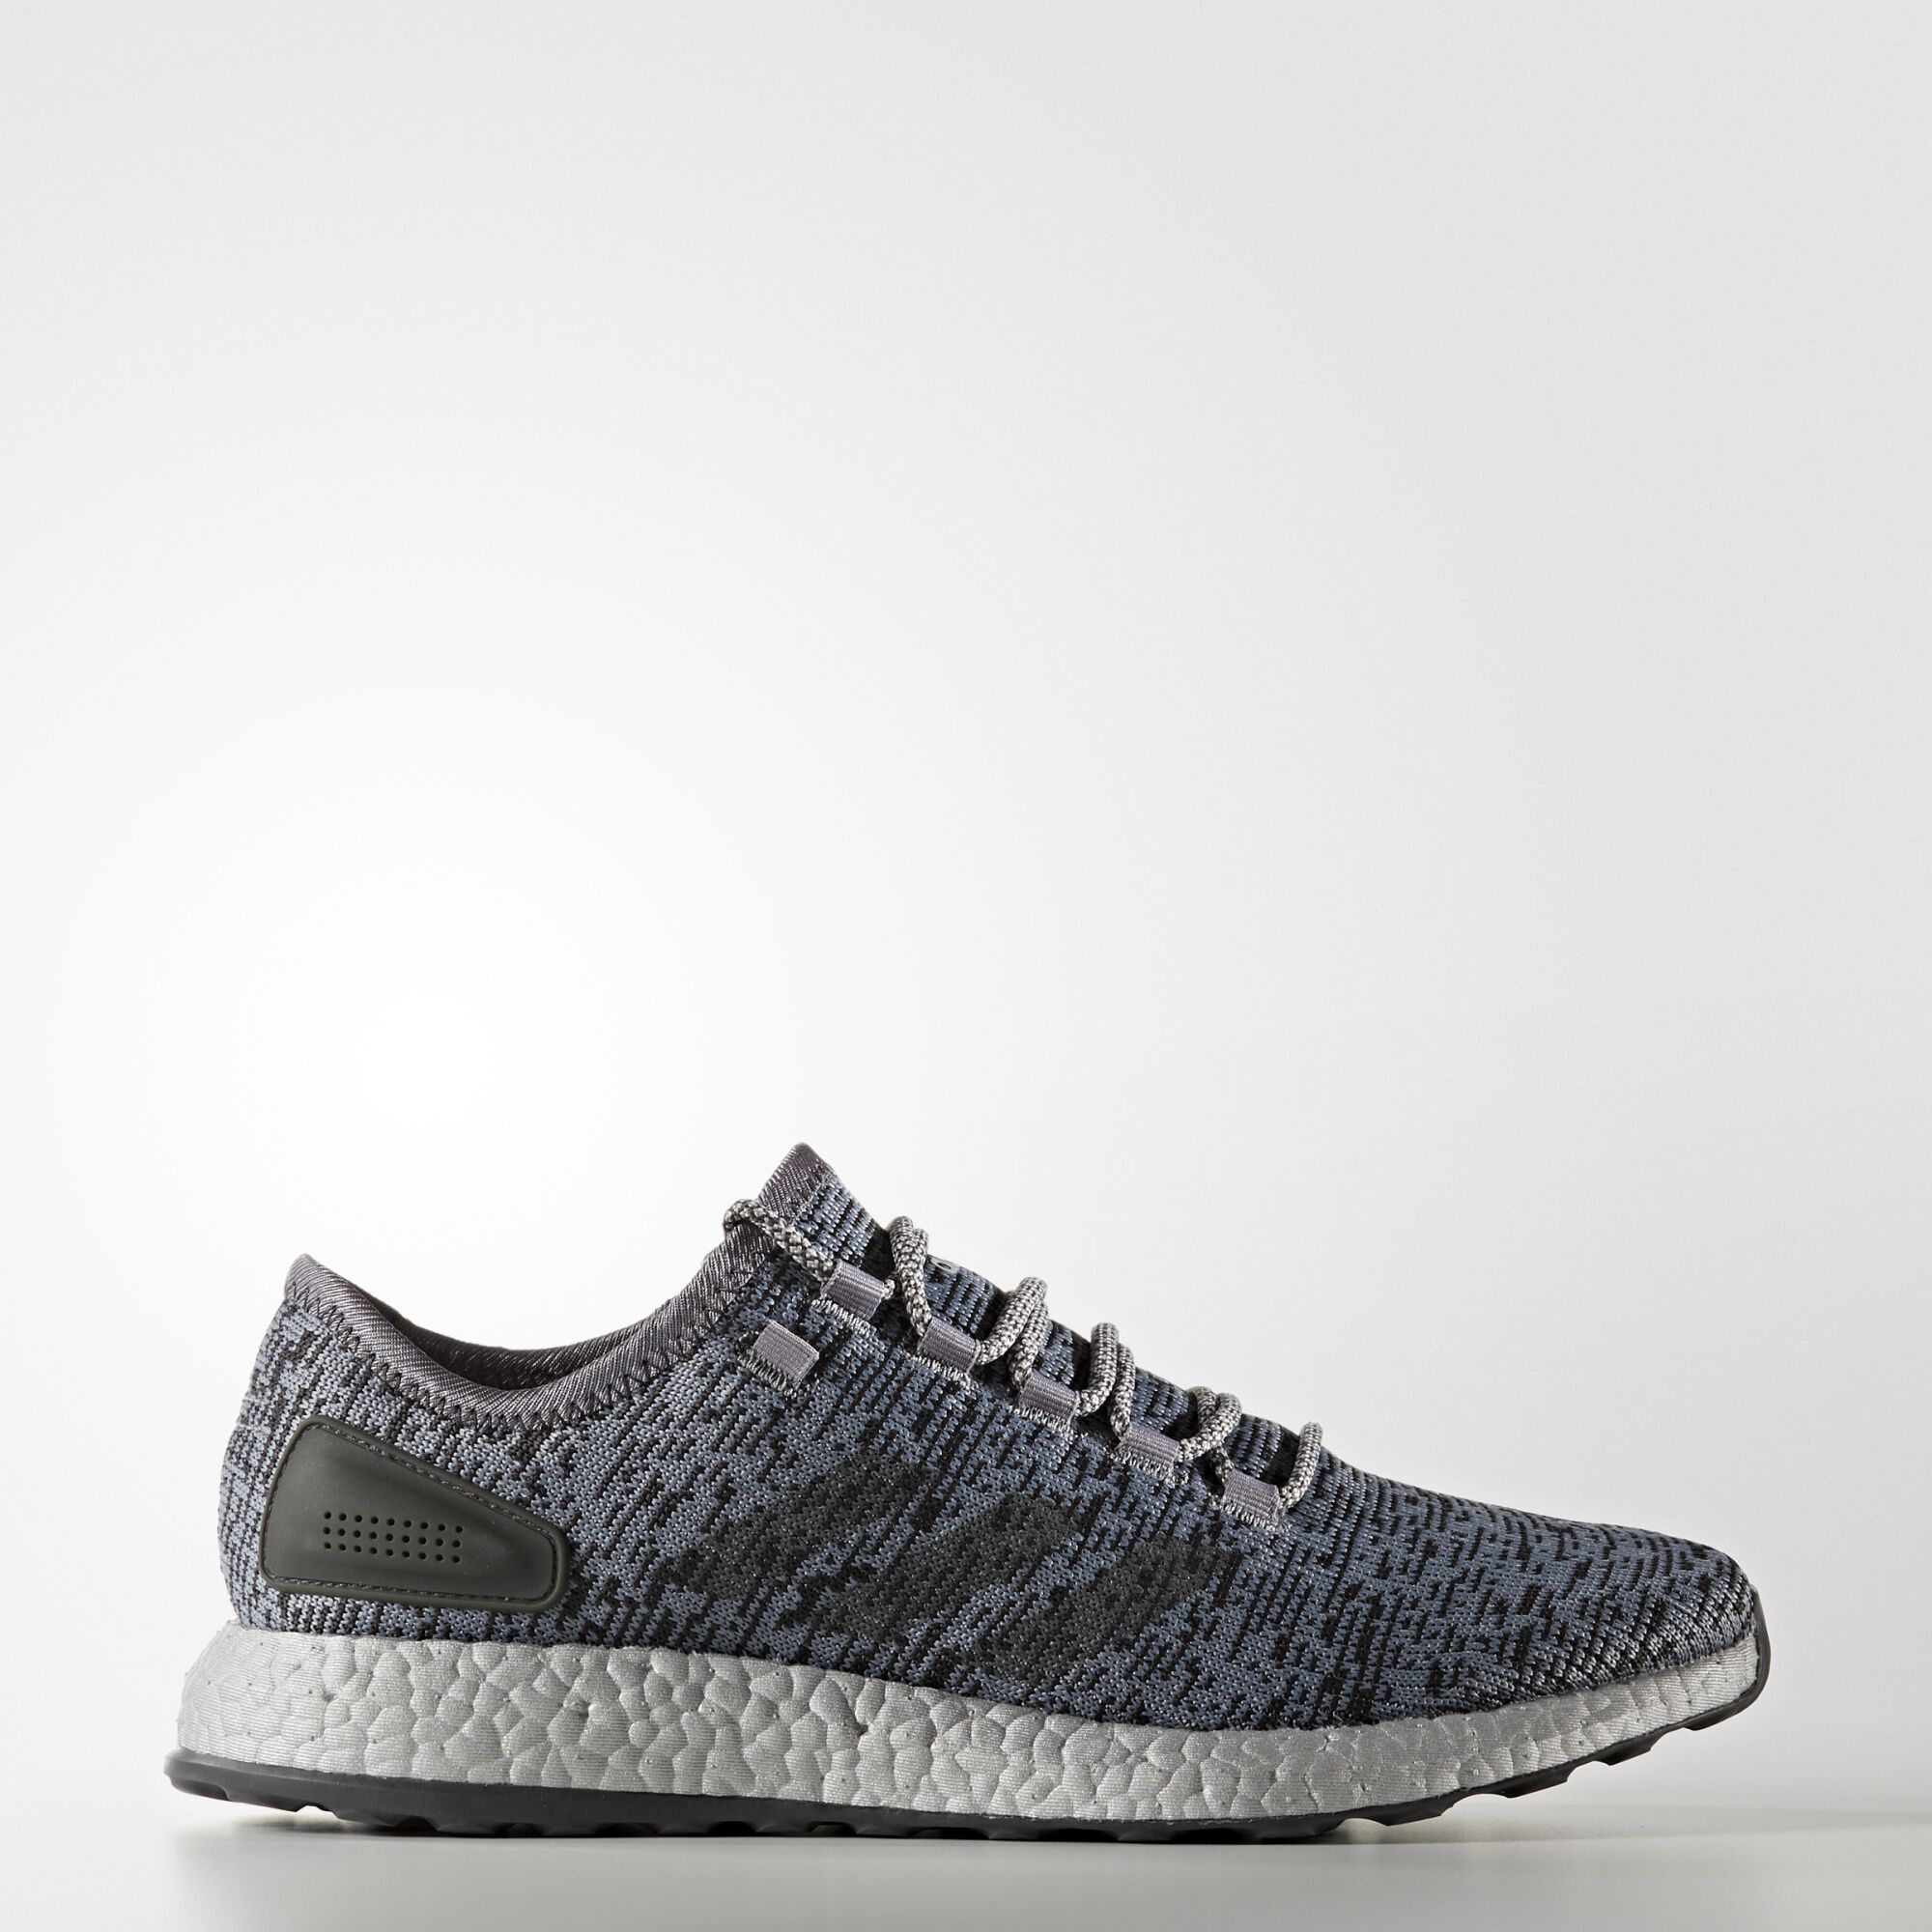 adidas Unveils the PureBOOST DPR